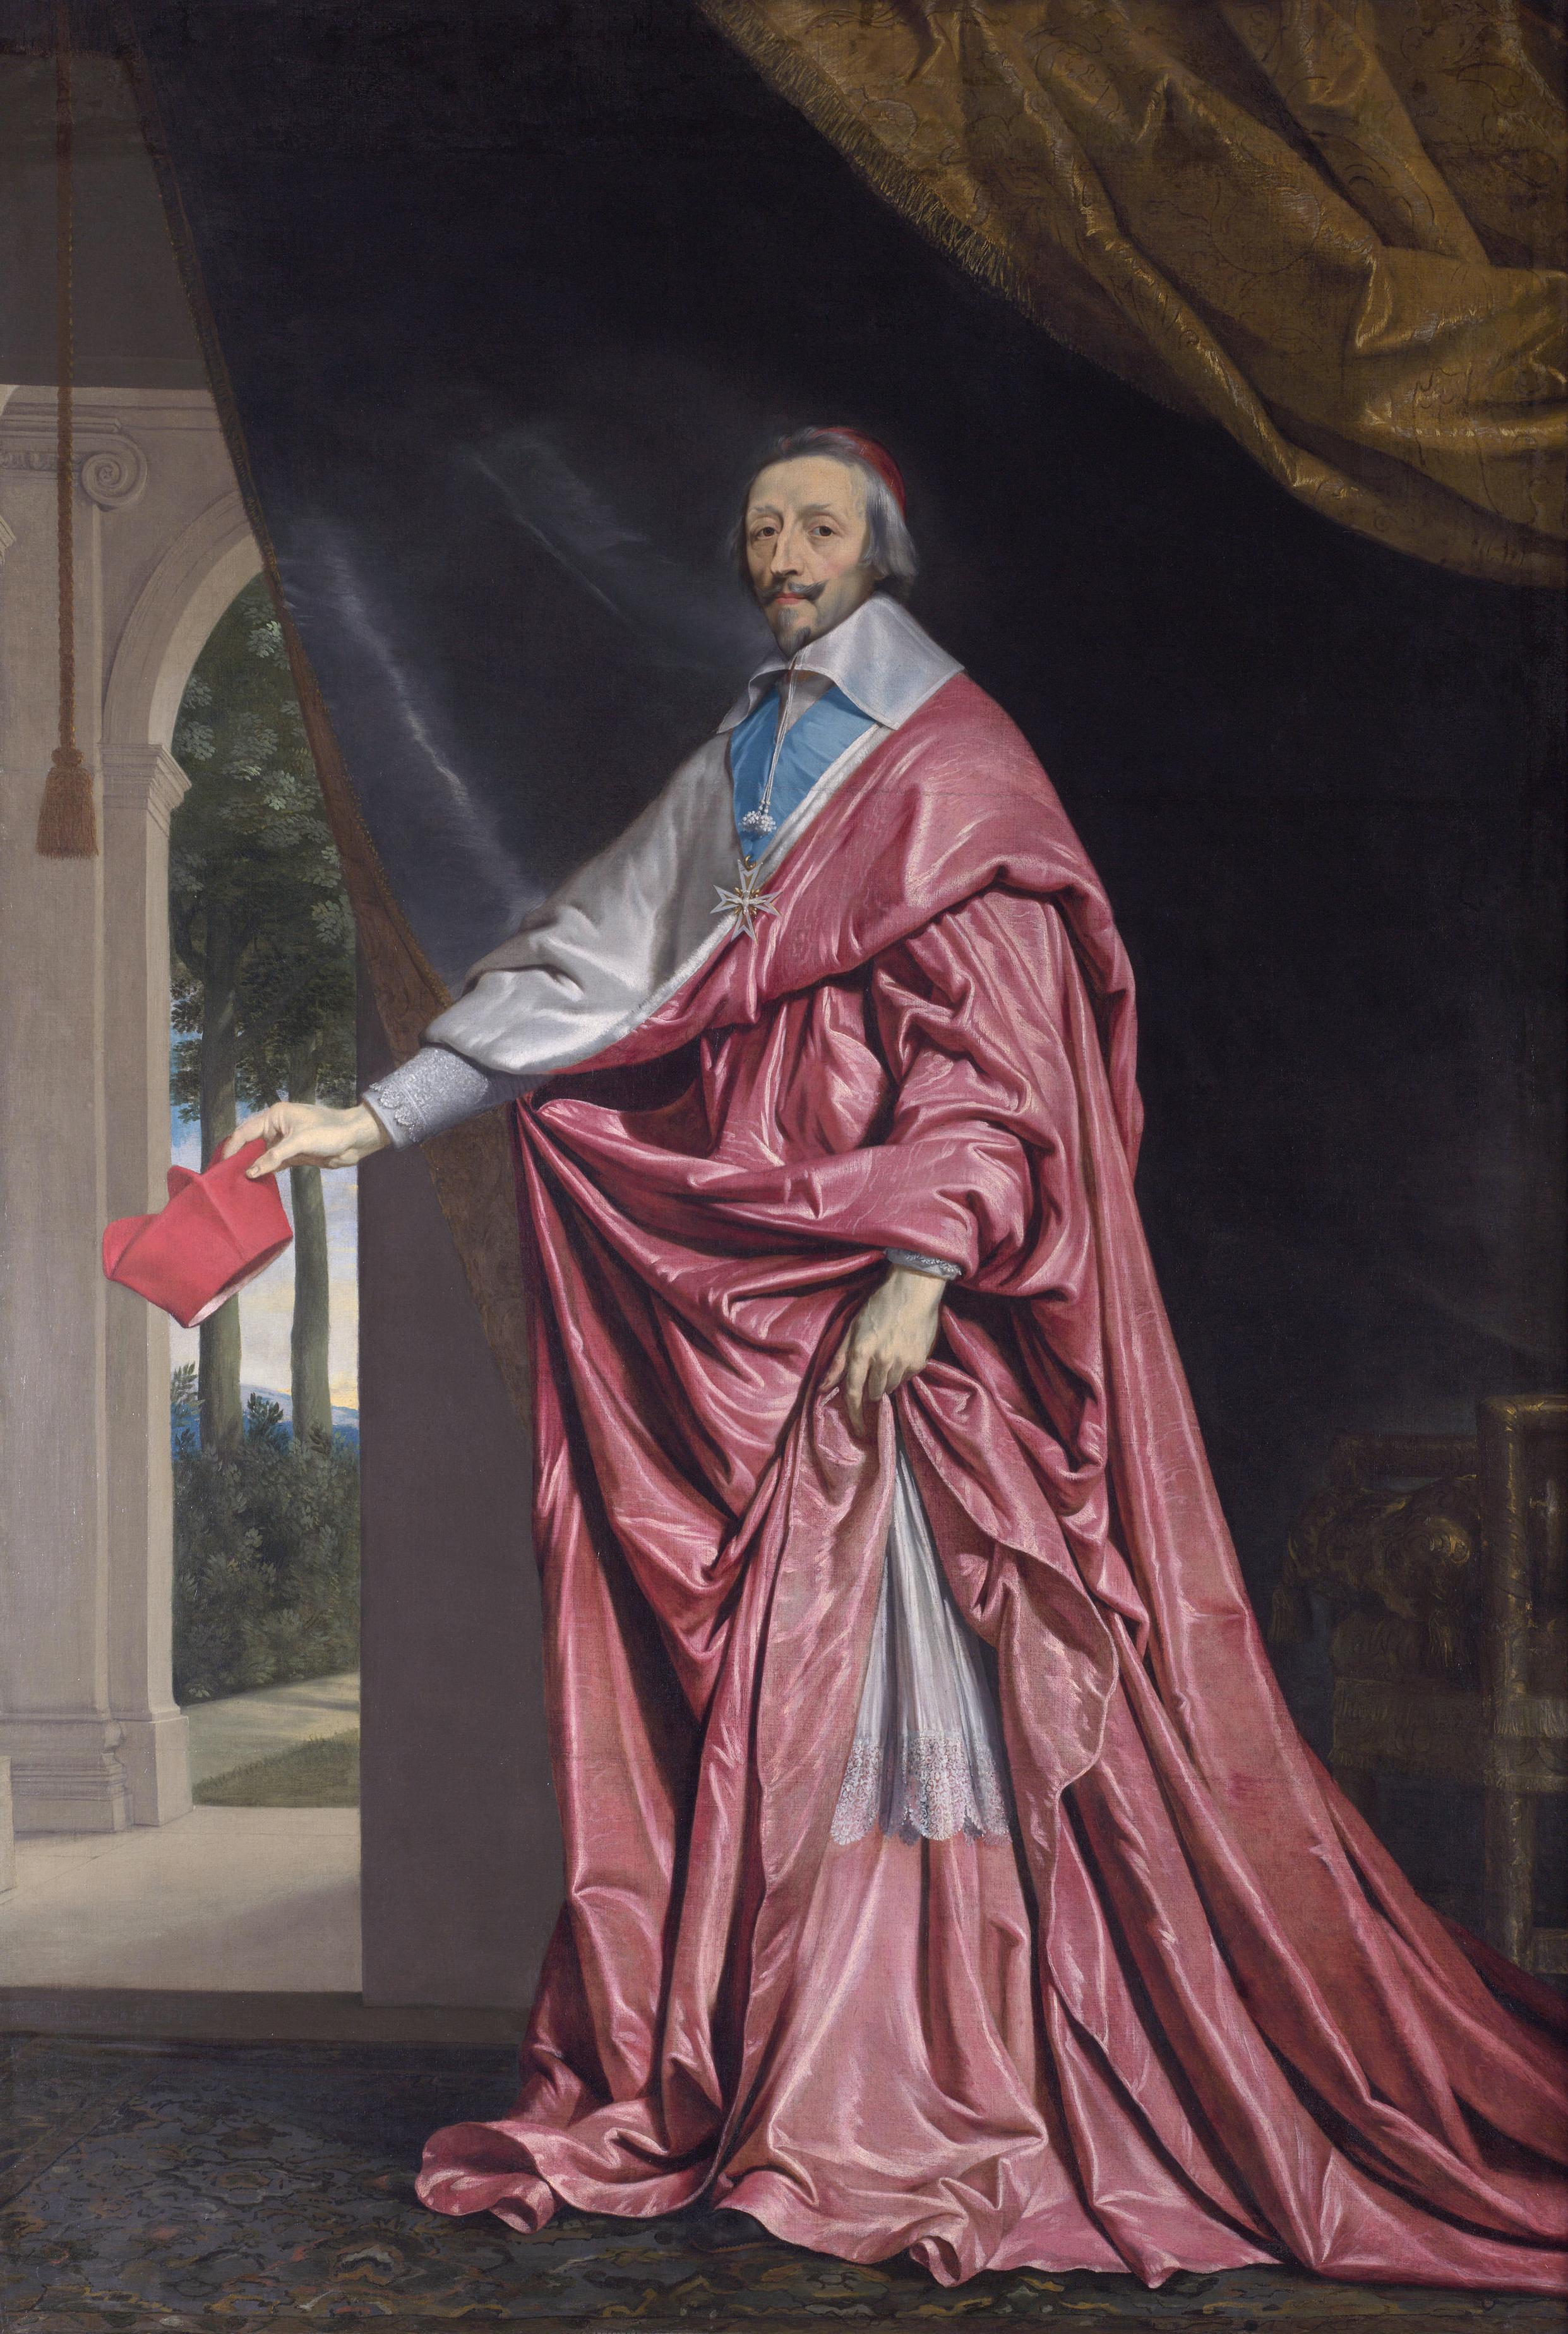 Cardinal_de_Richelieu.jpg